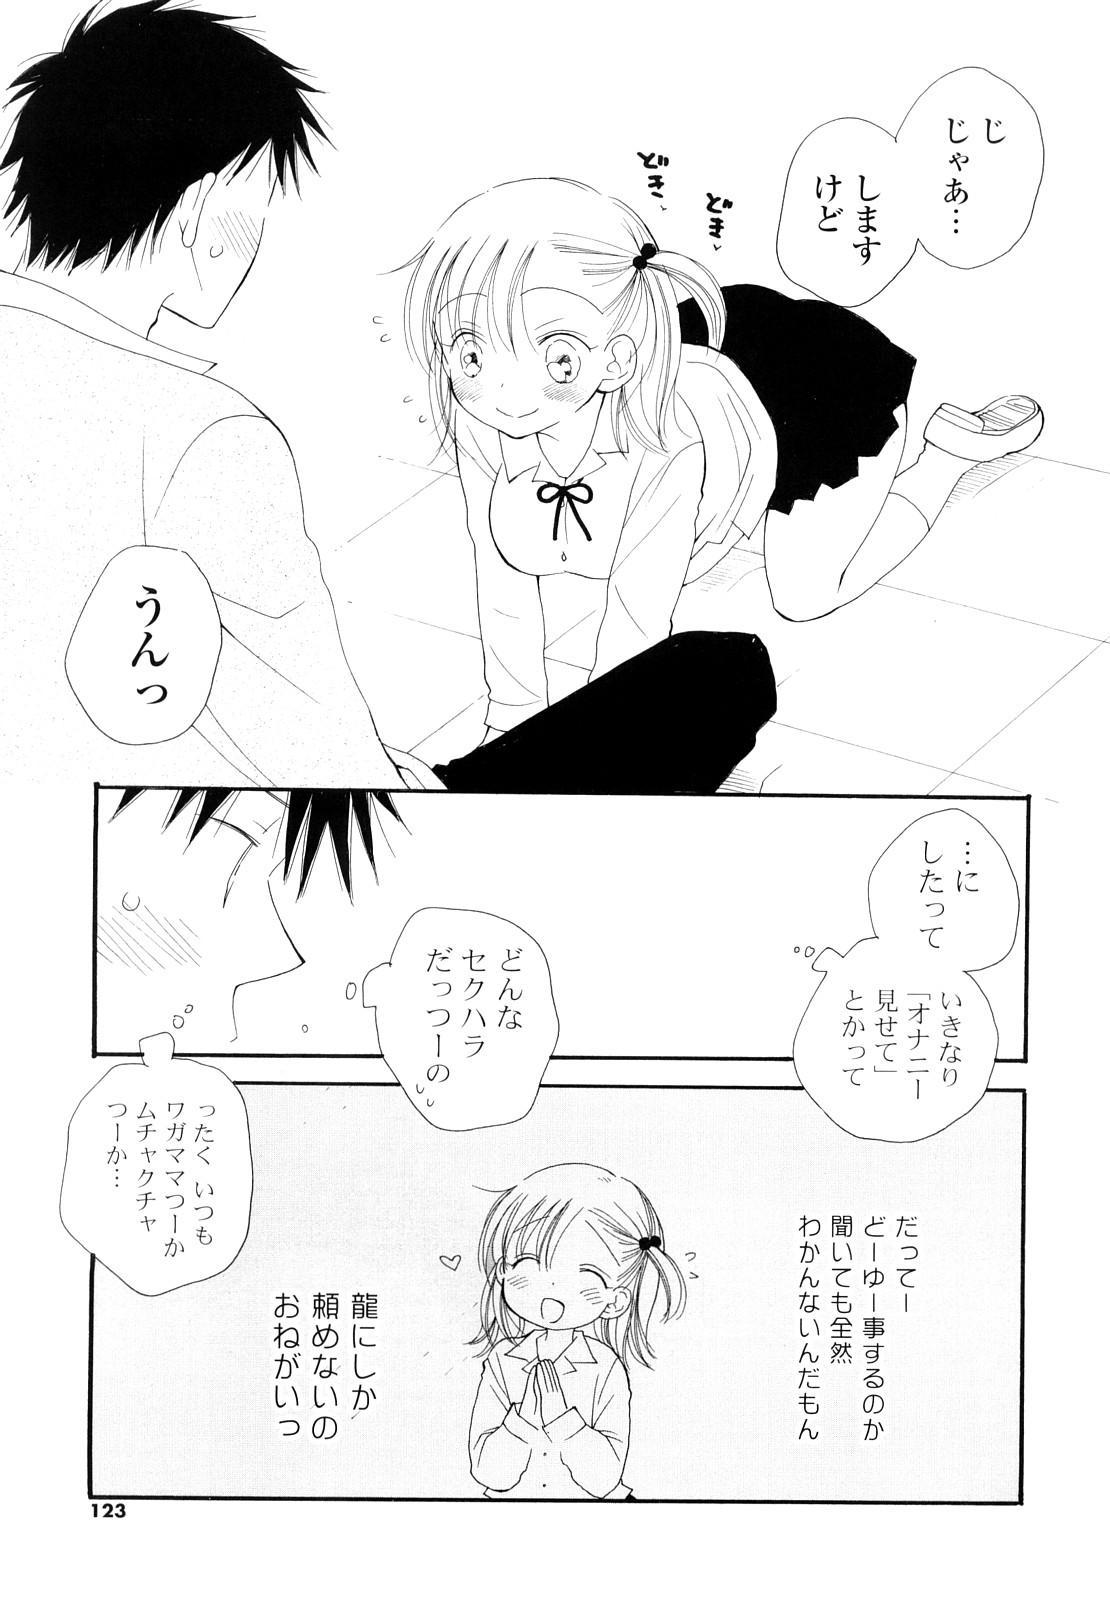 Houkago Nyan Nyan 121